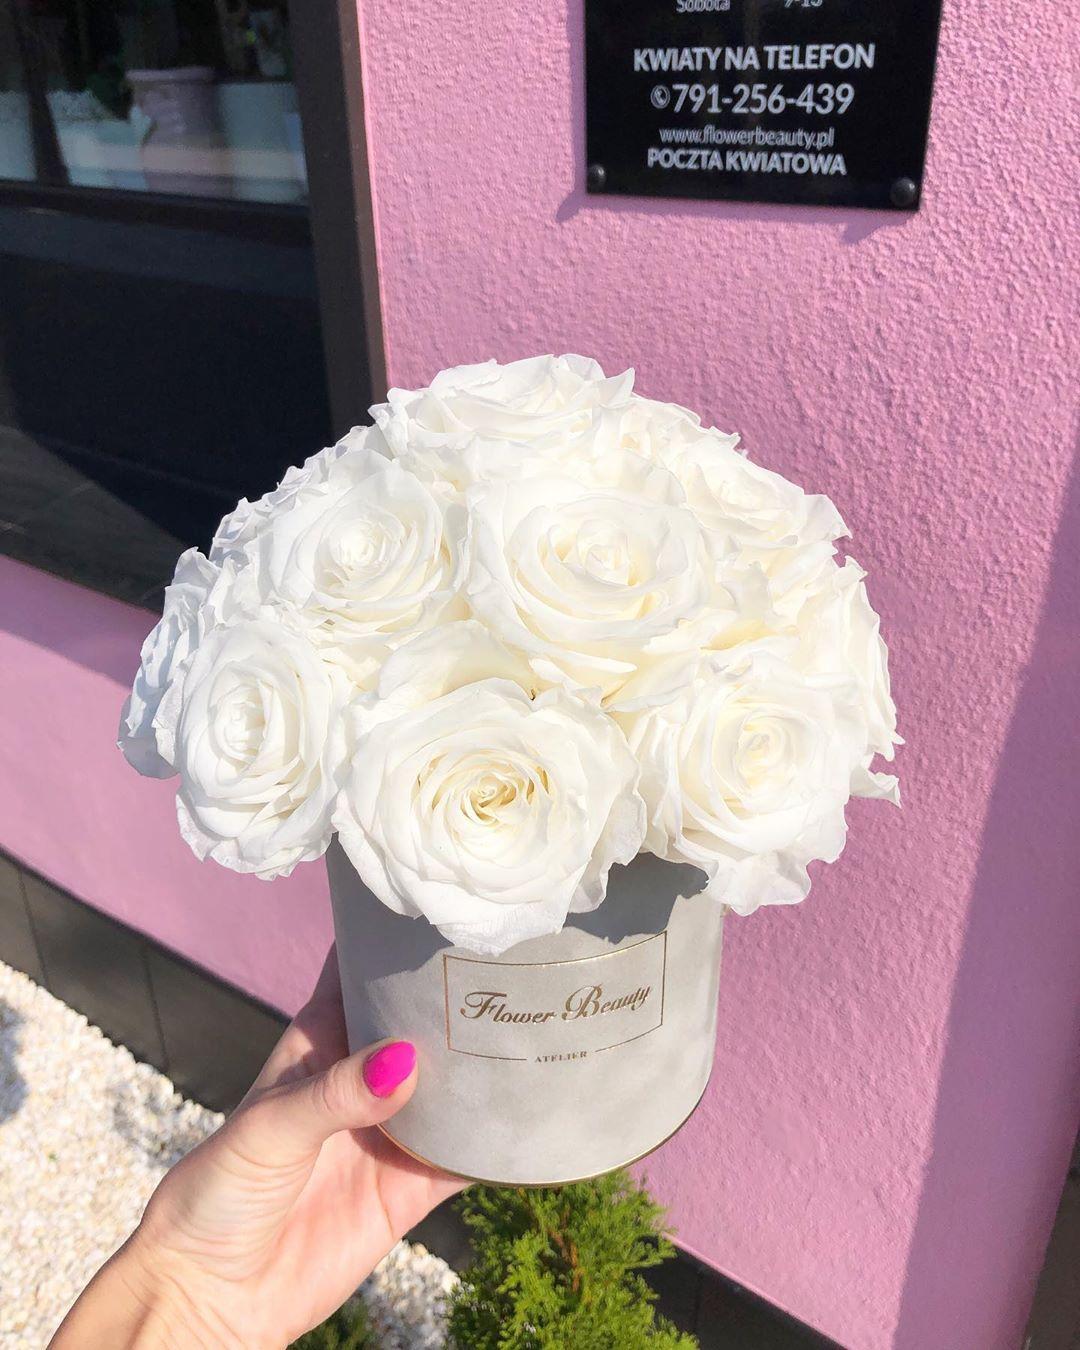 Dzisiejsza Realizacja Biale Wieczne Roze W Szarym Zamszowym Pudelku Flowers Flower Flowerbeauty Flowerstore Flowerstagram Kwiaty Kwiatywpud Desserts